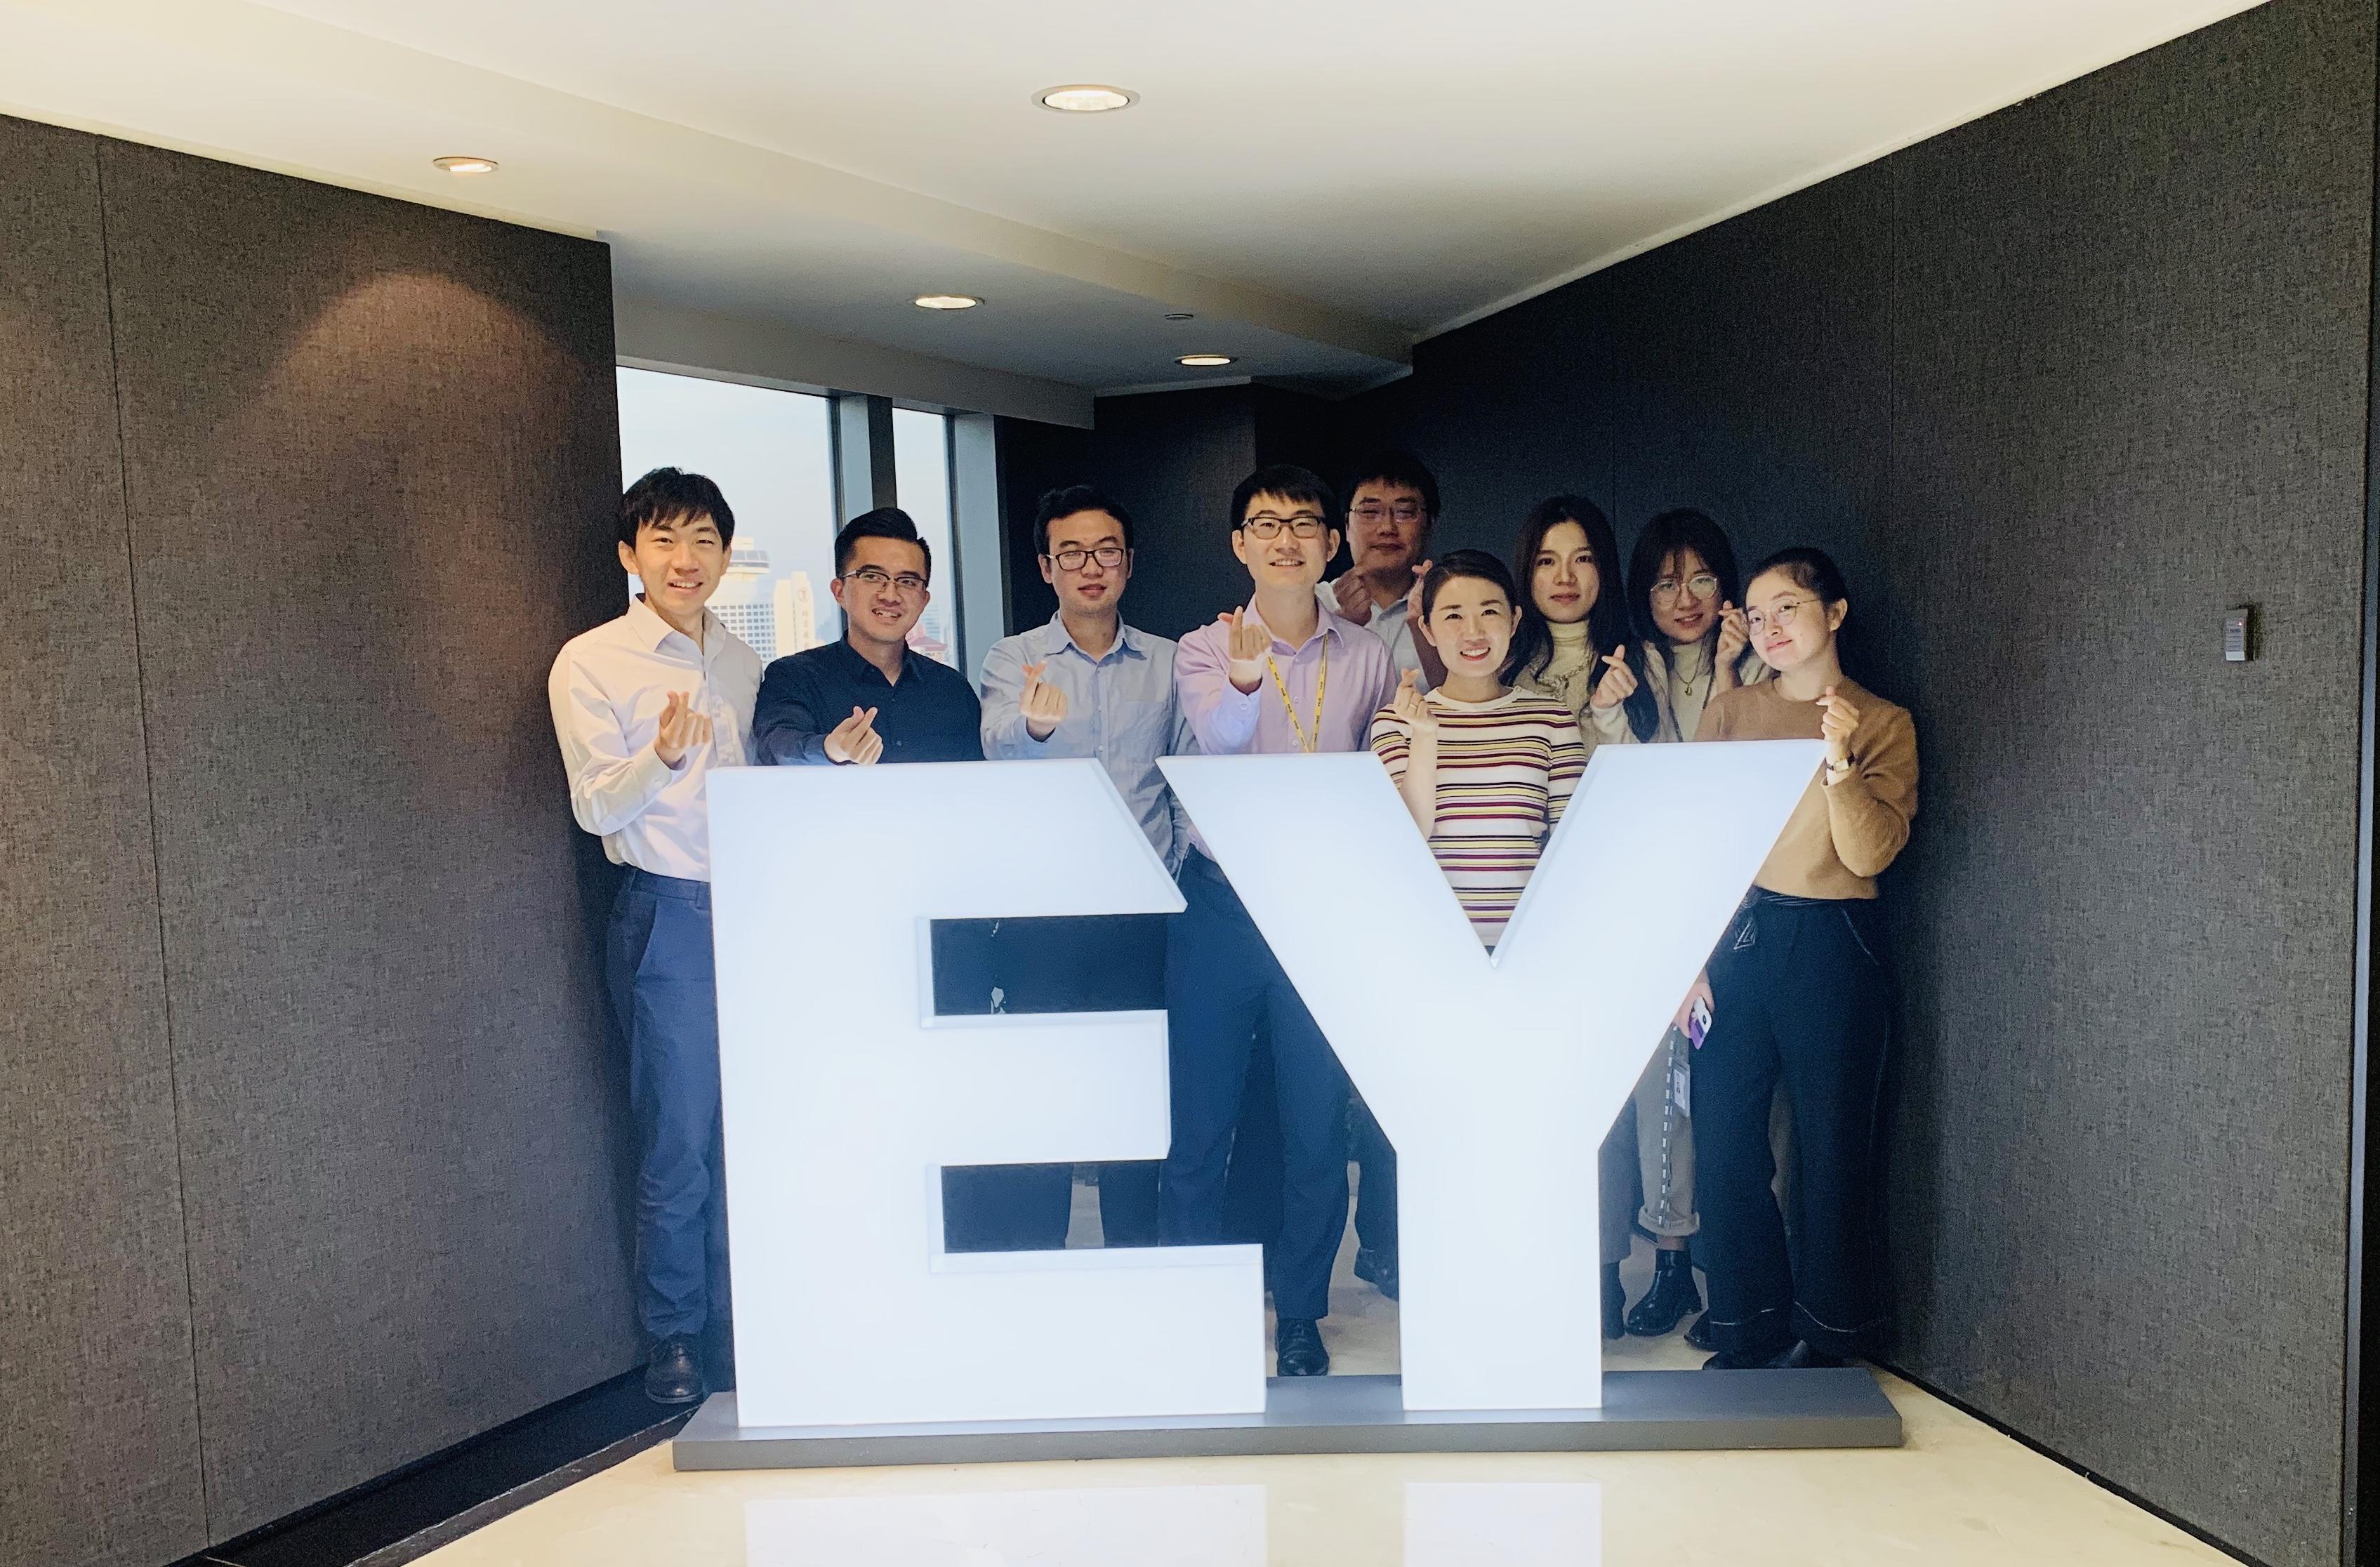 iS-RPA 技术认证培训 北京 201901125 班